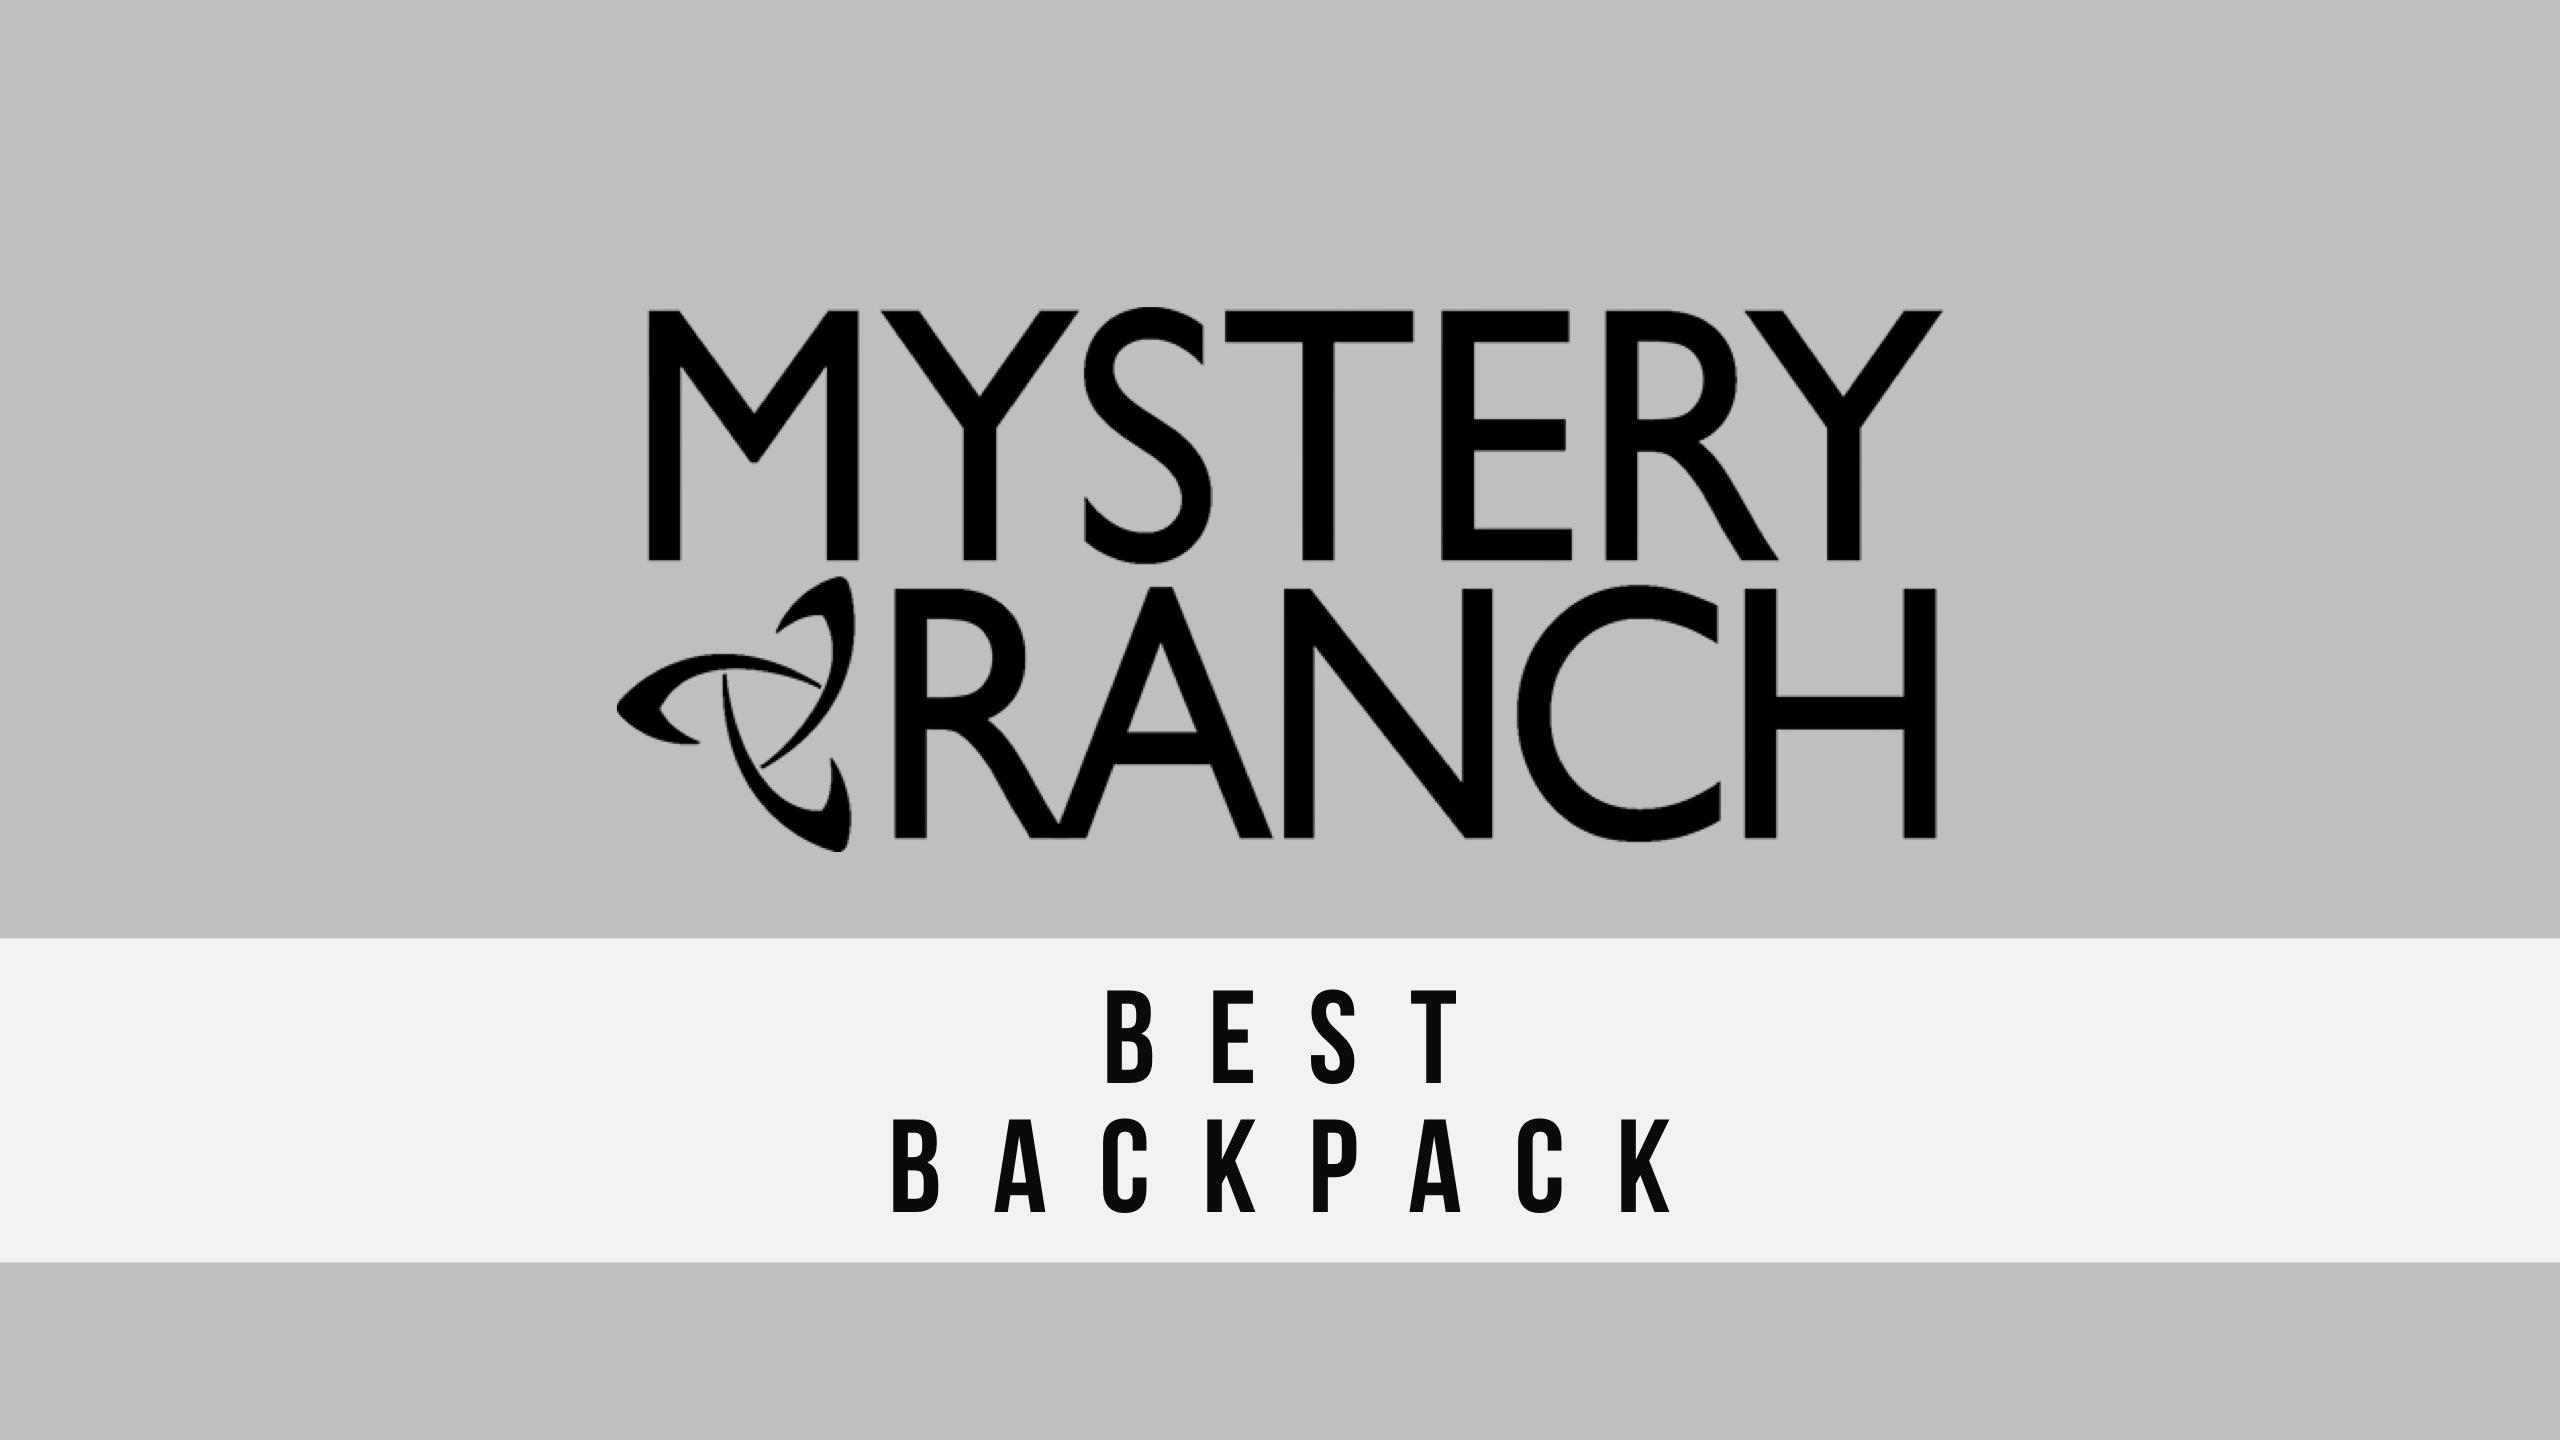 MYSTERY RANCH(ミステリーランチ) おすすめバックパックと選び方【自分にベストなリュックはどれ?】